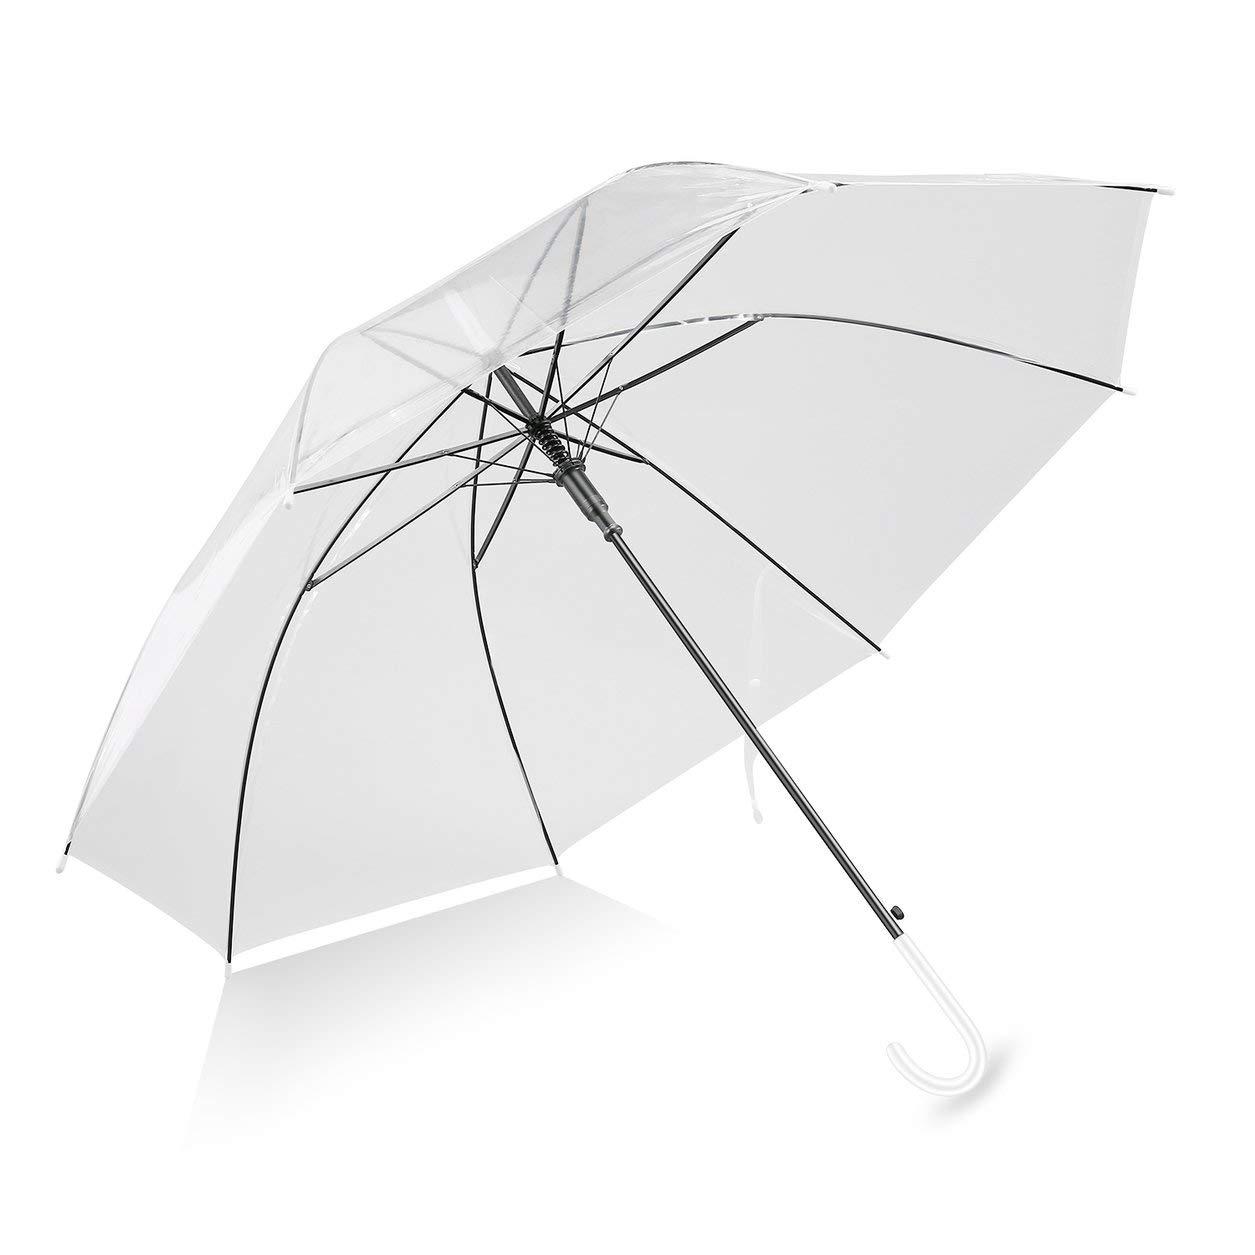 Dailyinshop Ombrello Trasparente,Ombrello Portatile,Ombrello Pieghevole,Modo Dell'Ombrello Parasole Libero Trasparente Automatica per Favore di Cerimonia Nuziale del Partito